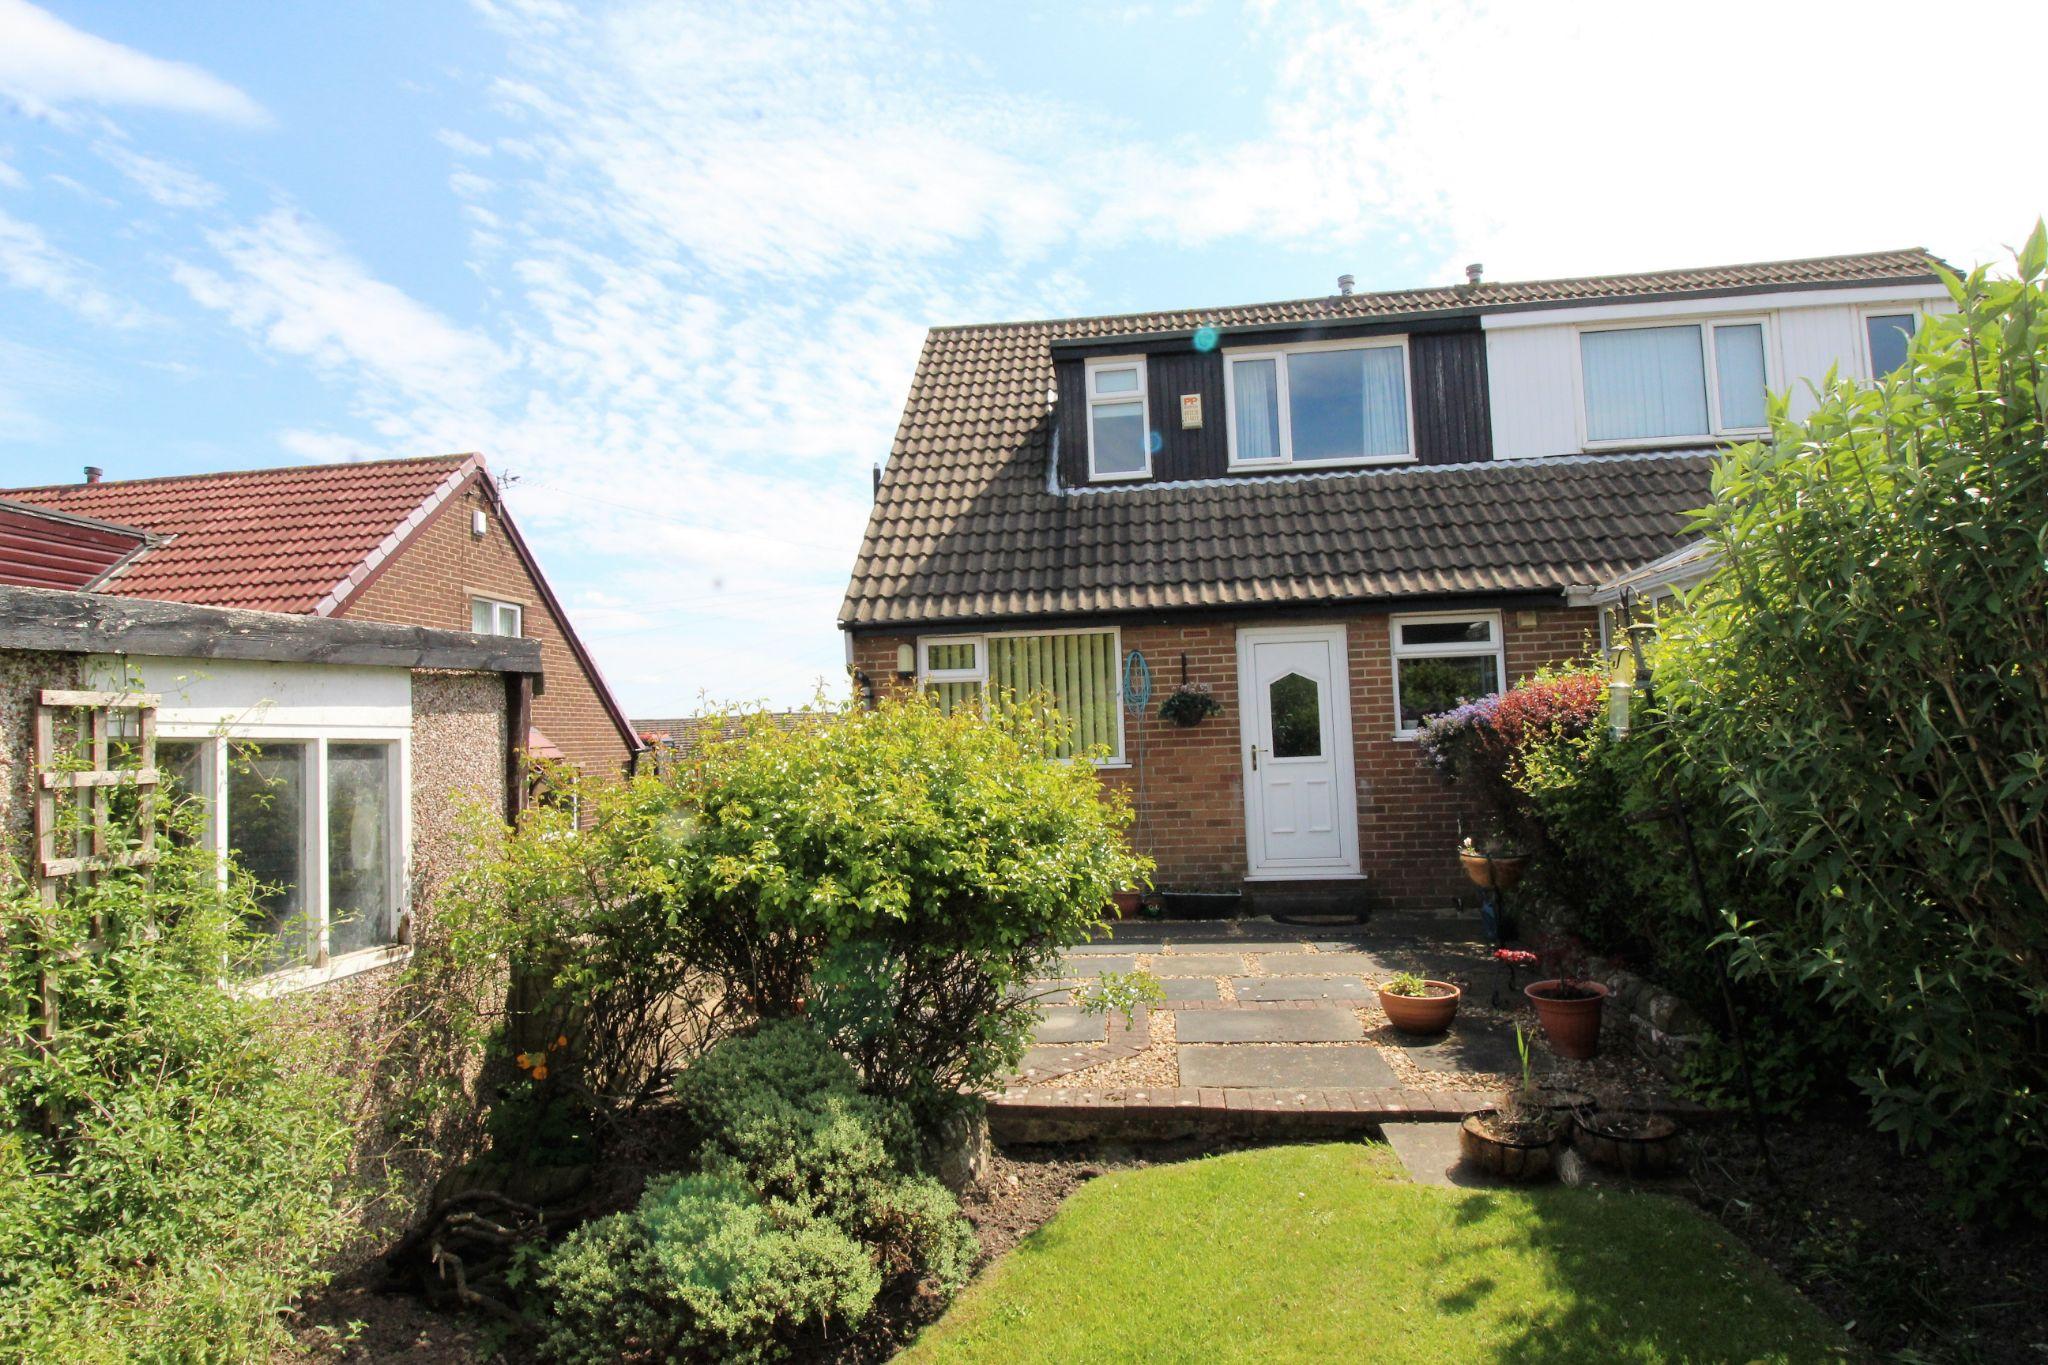 2 bedroom semi-detached bungalow SSTC in Bradford - Rear aspect